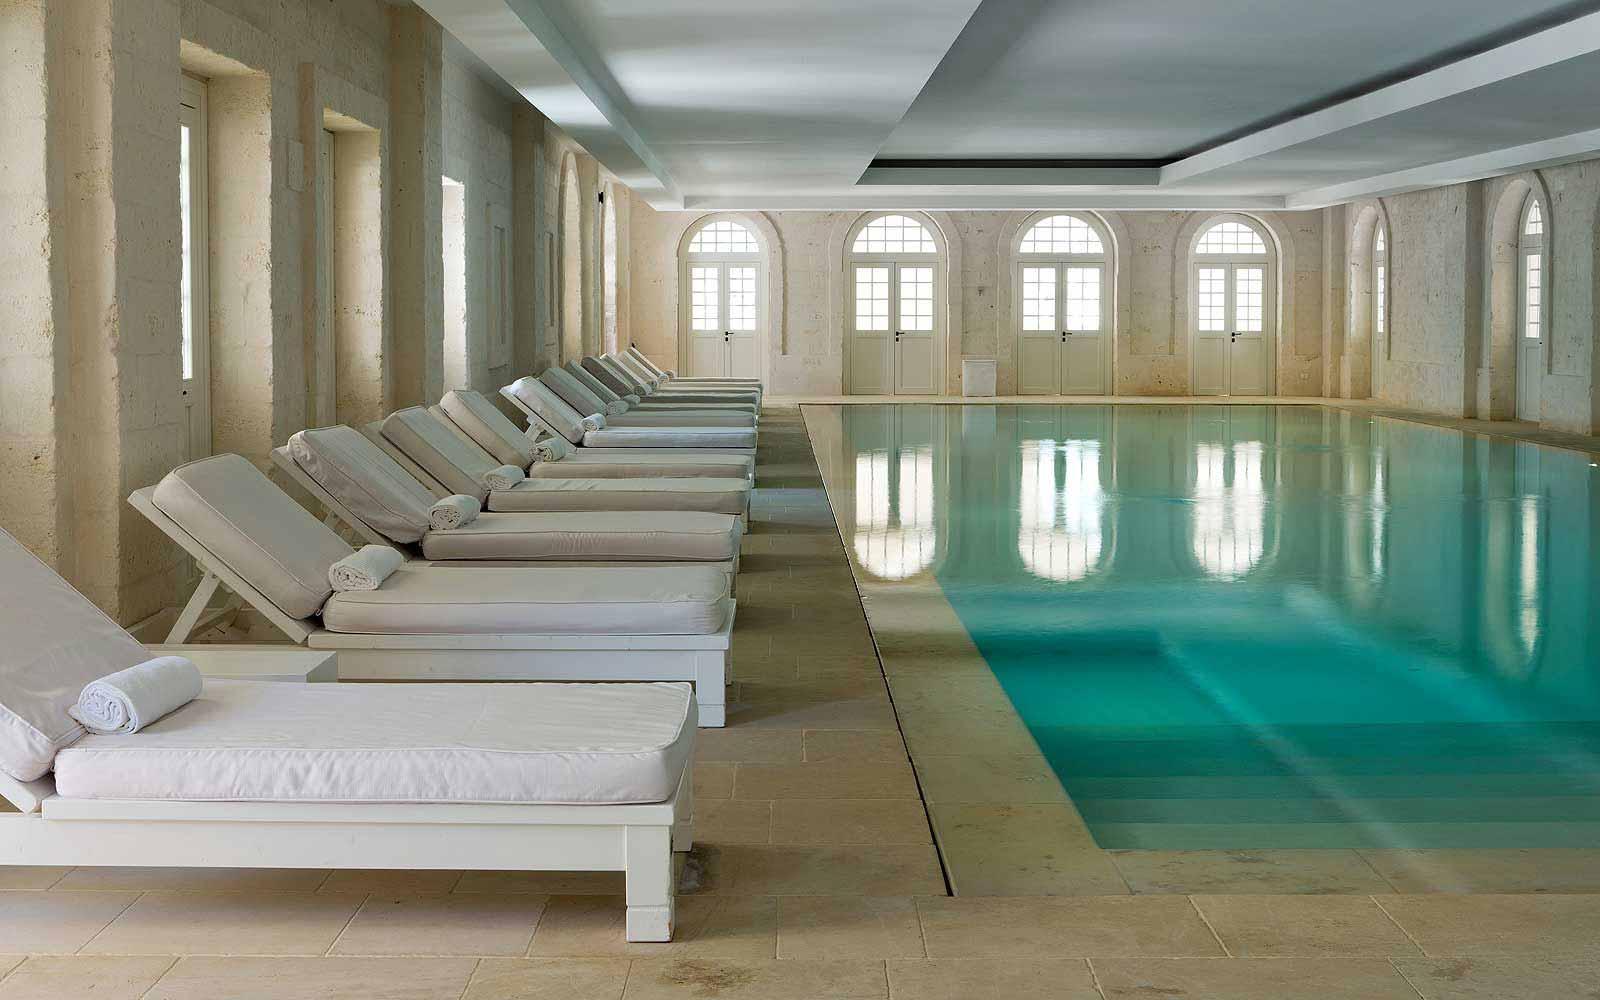 Indoor swimming pool at the Borgo Egnazia